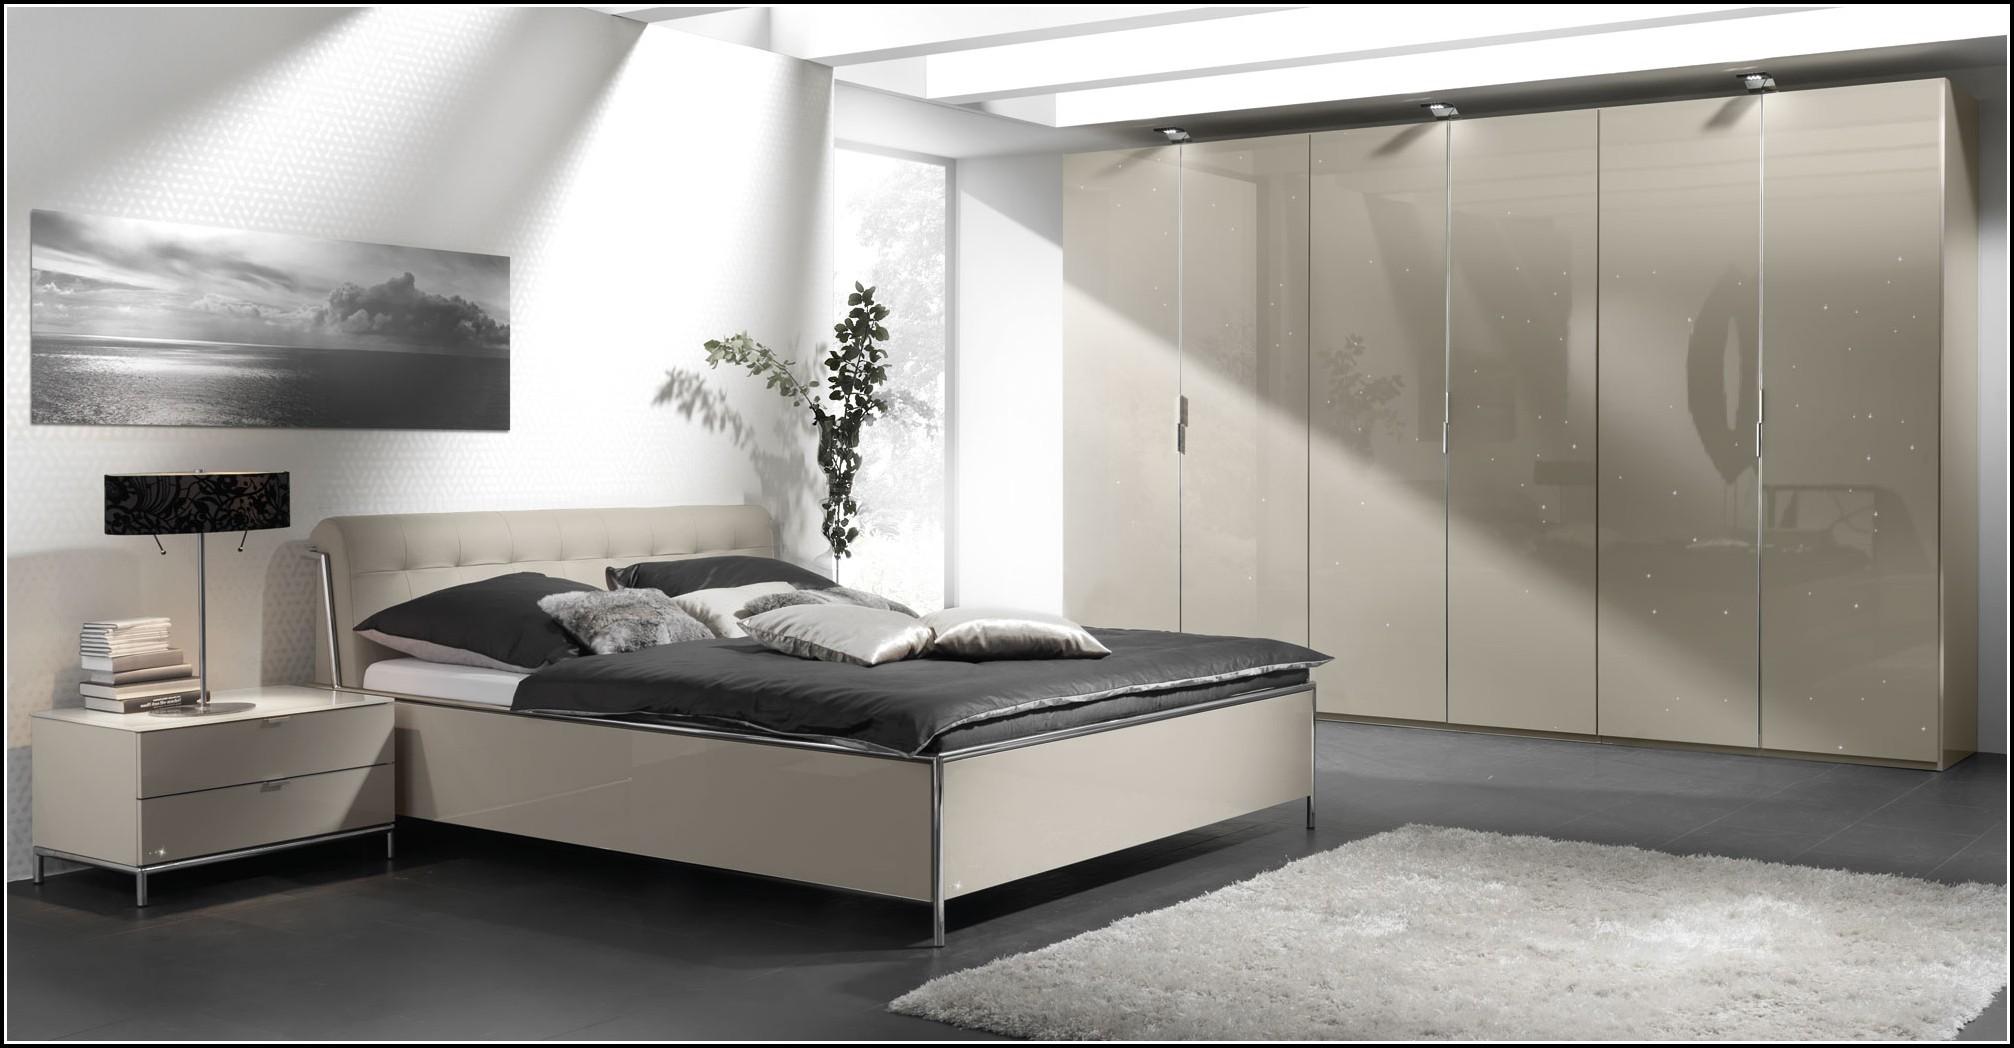 Vorschläge Schlafzimmer Ausmalen - schlafzimmer : House und ...